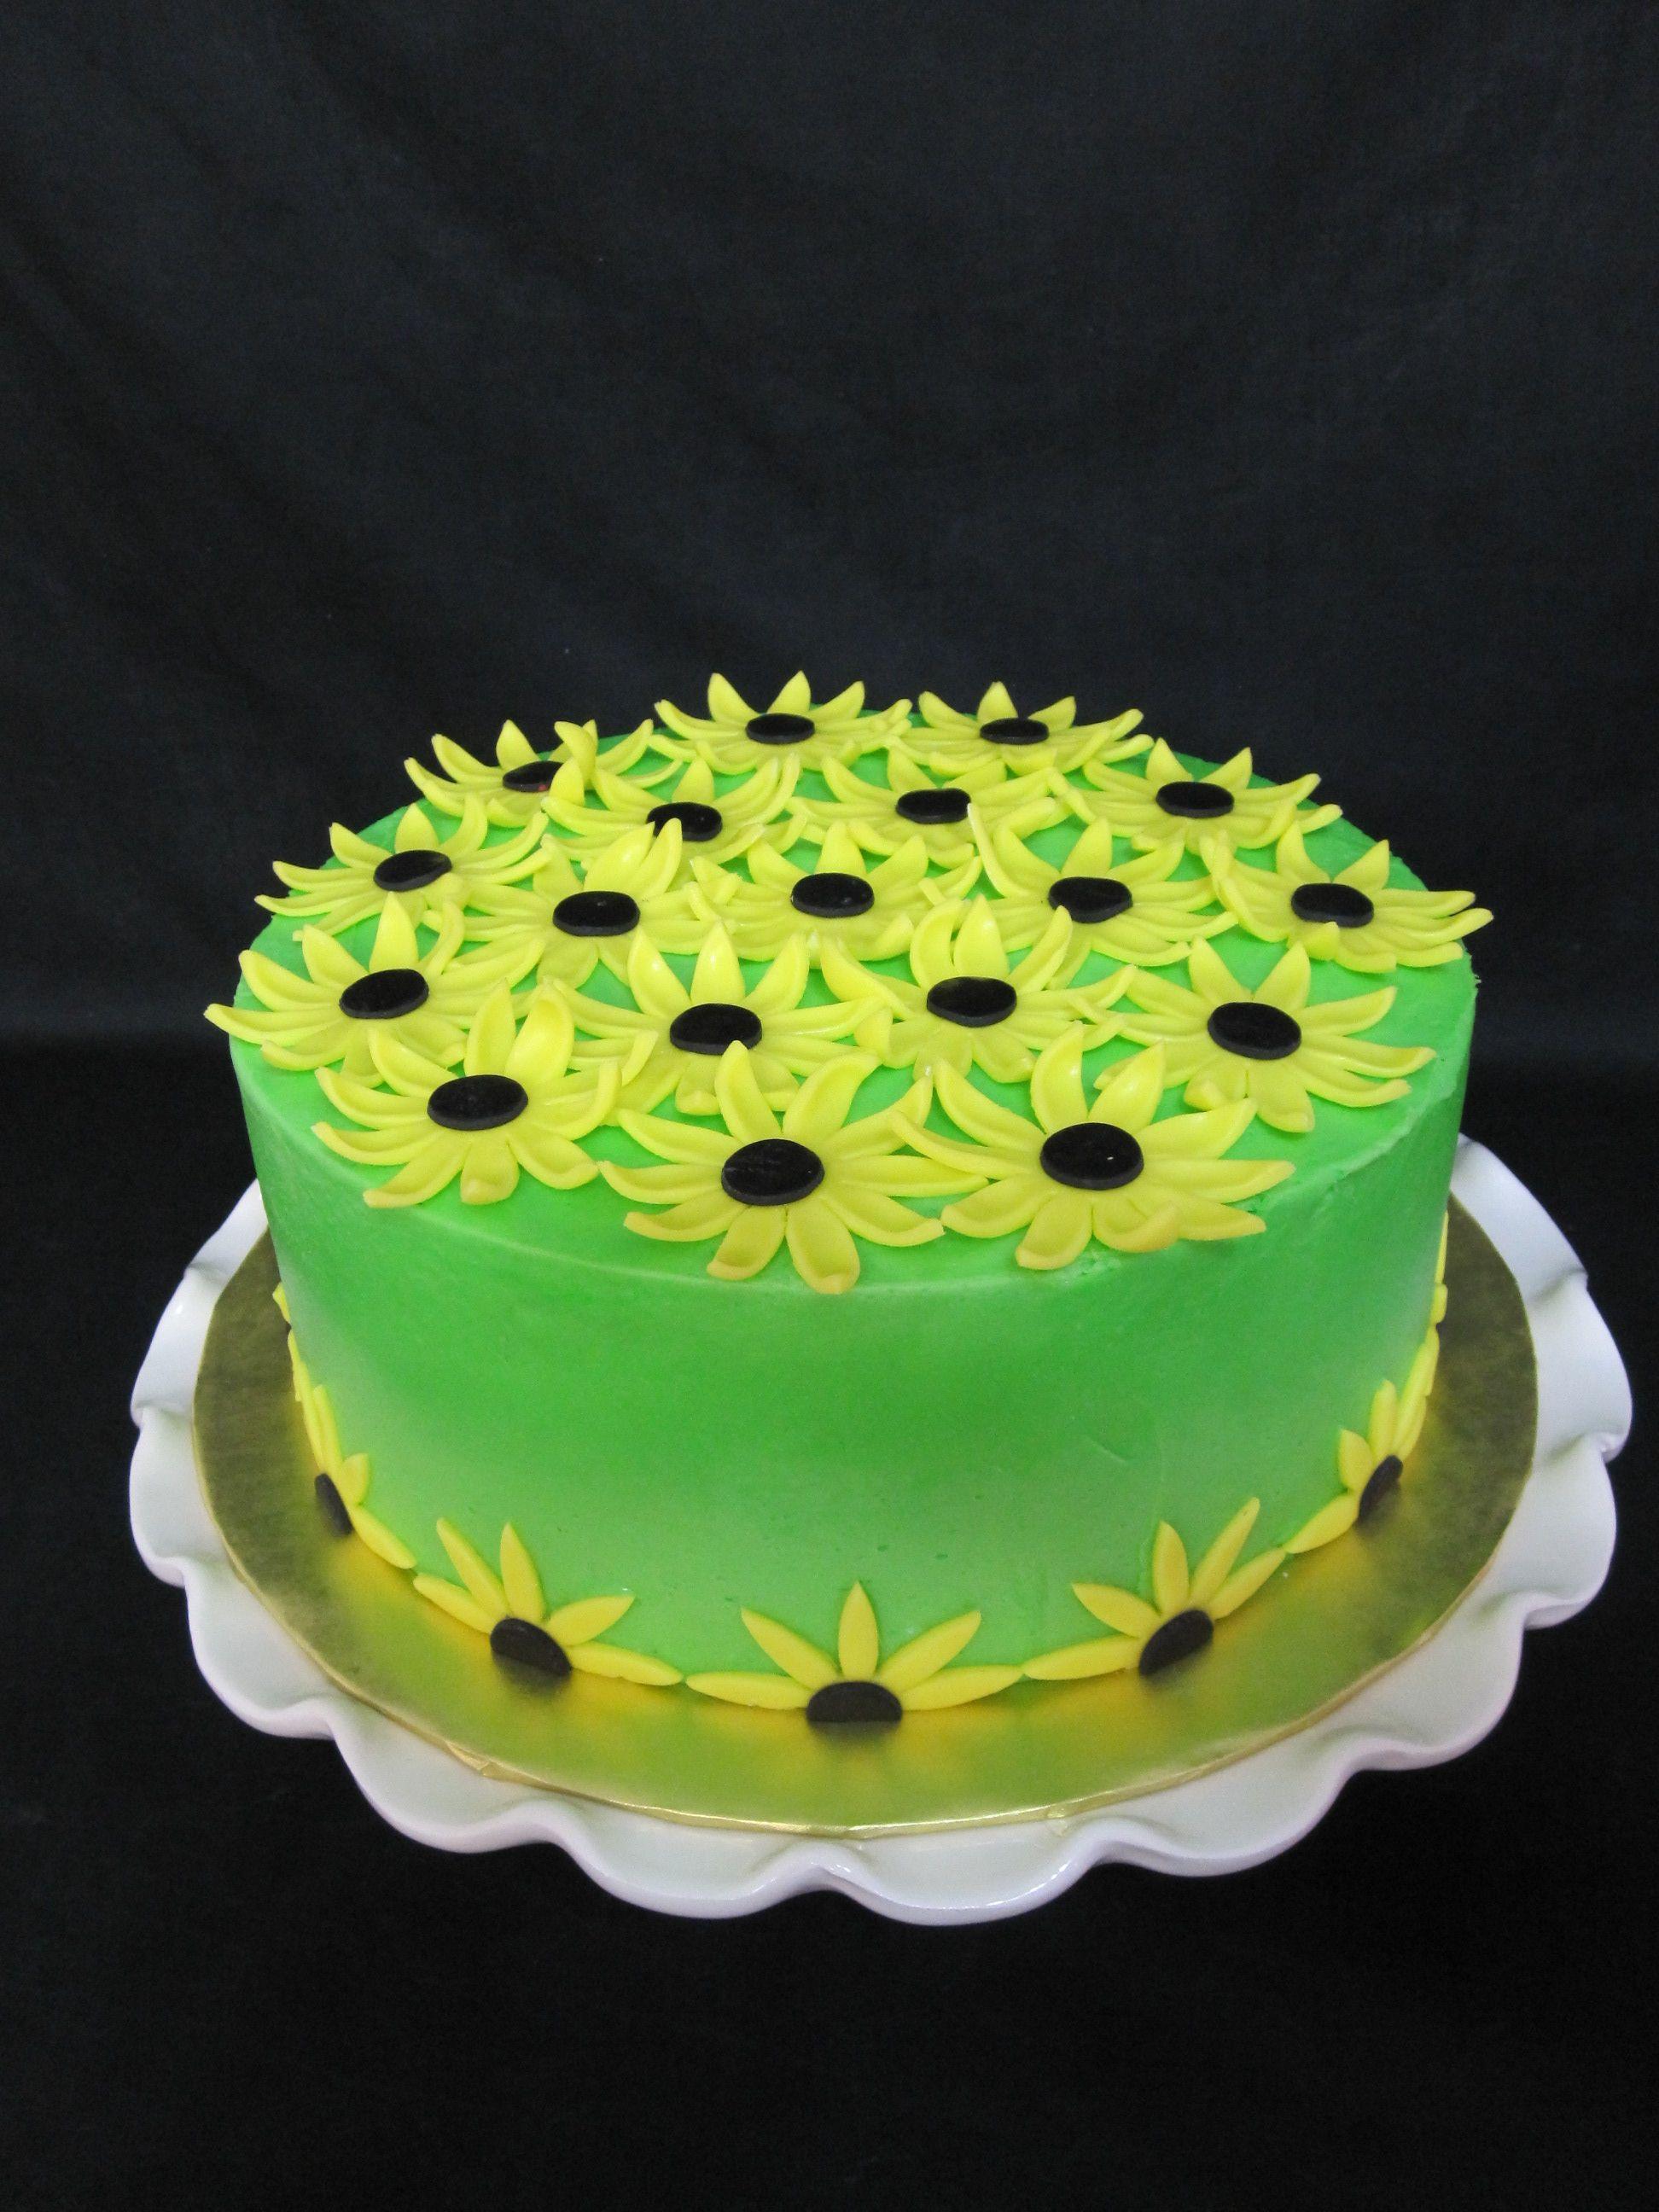 Sunflower Birthday Cake Sunflower birthday cakes Birthday cakes